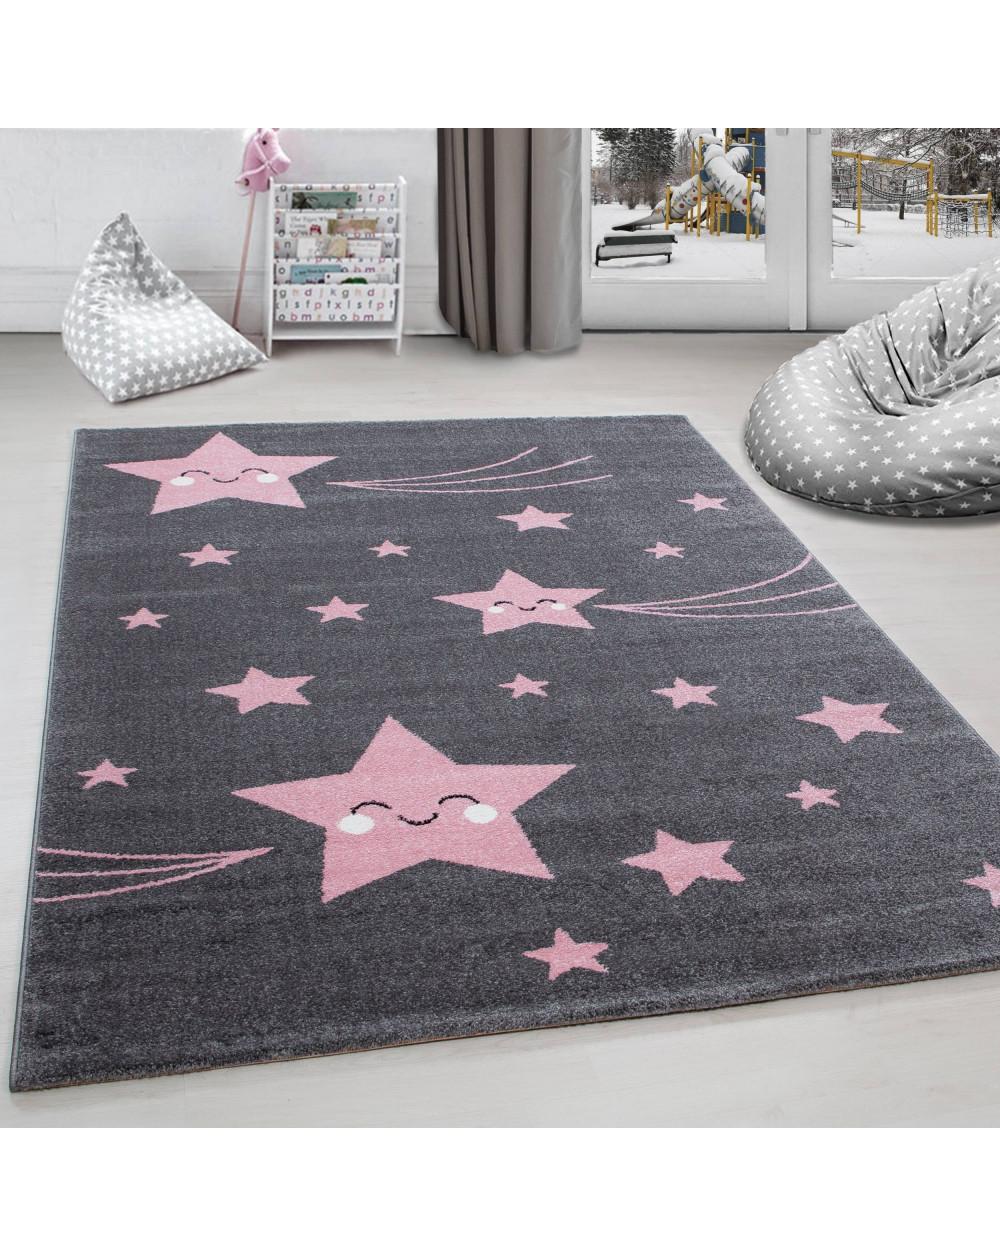 Kinderteppich Kinderzimmer Teppich Sterne Muster Grau-Pink Größe 80x150 cm